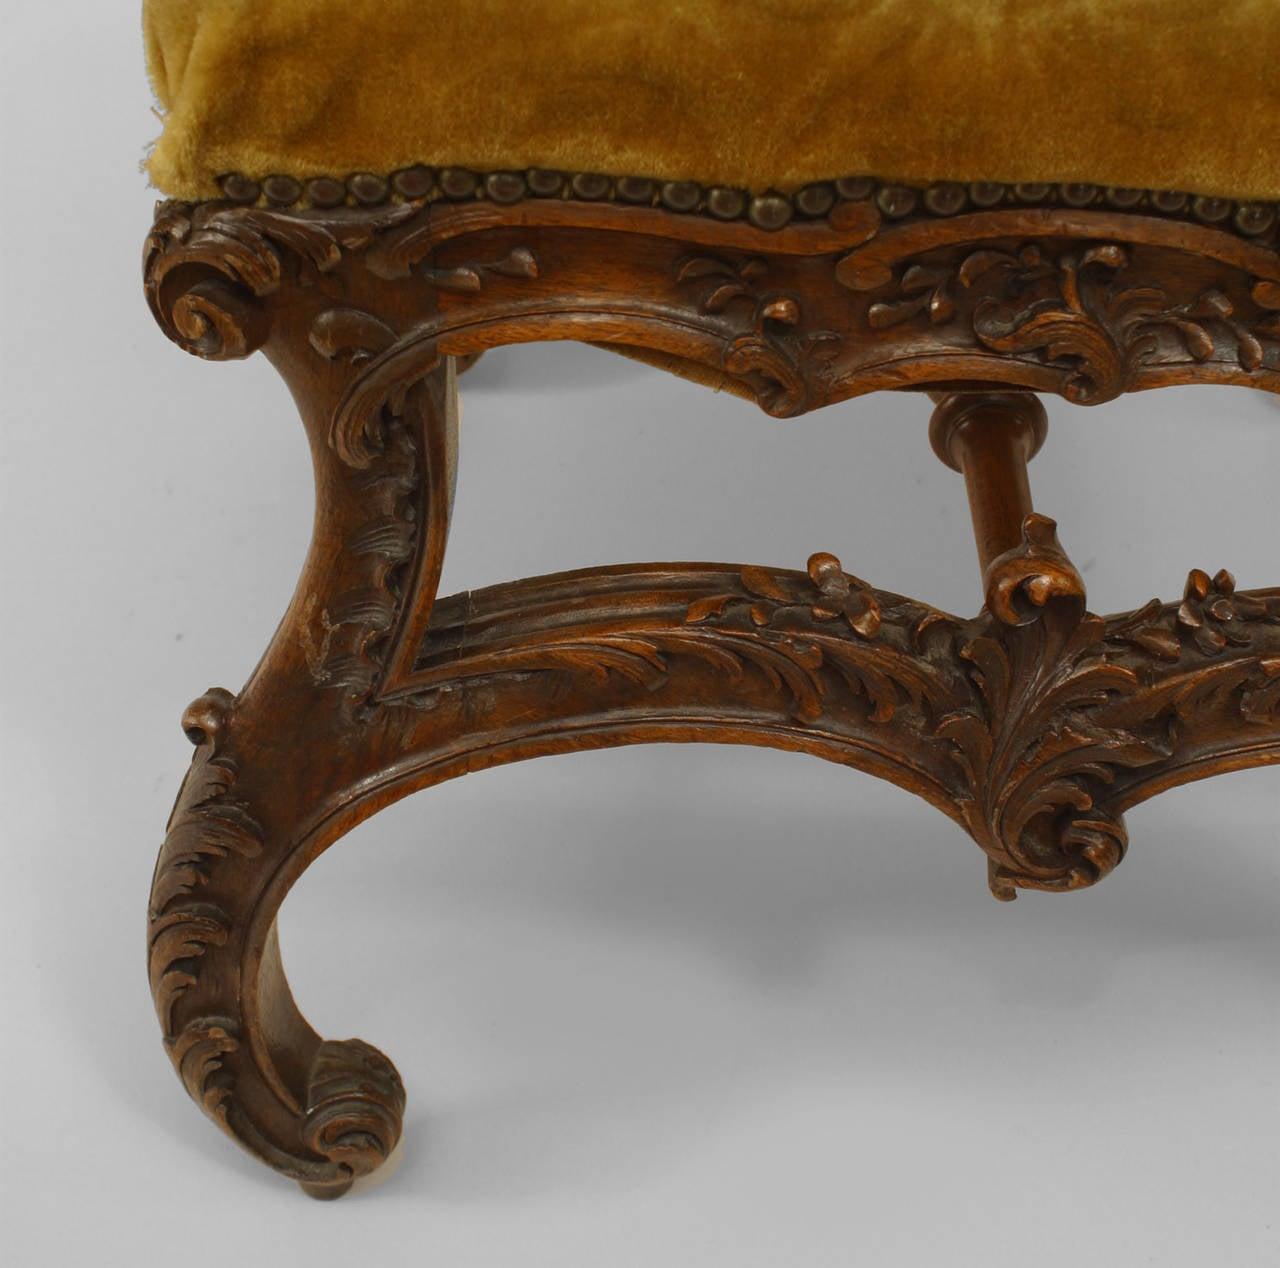 Velvet 19th c. Italian Baroque Style Square Upholstered Walnut Bench For Sale